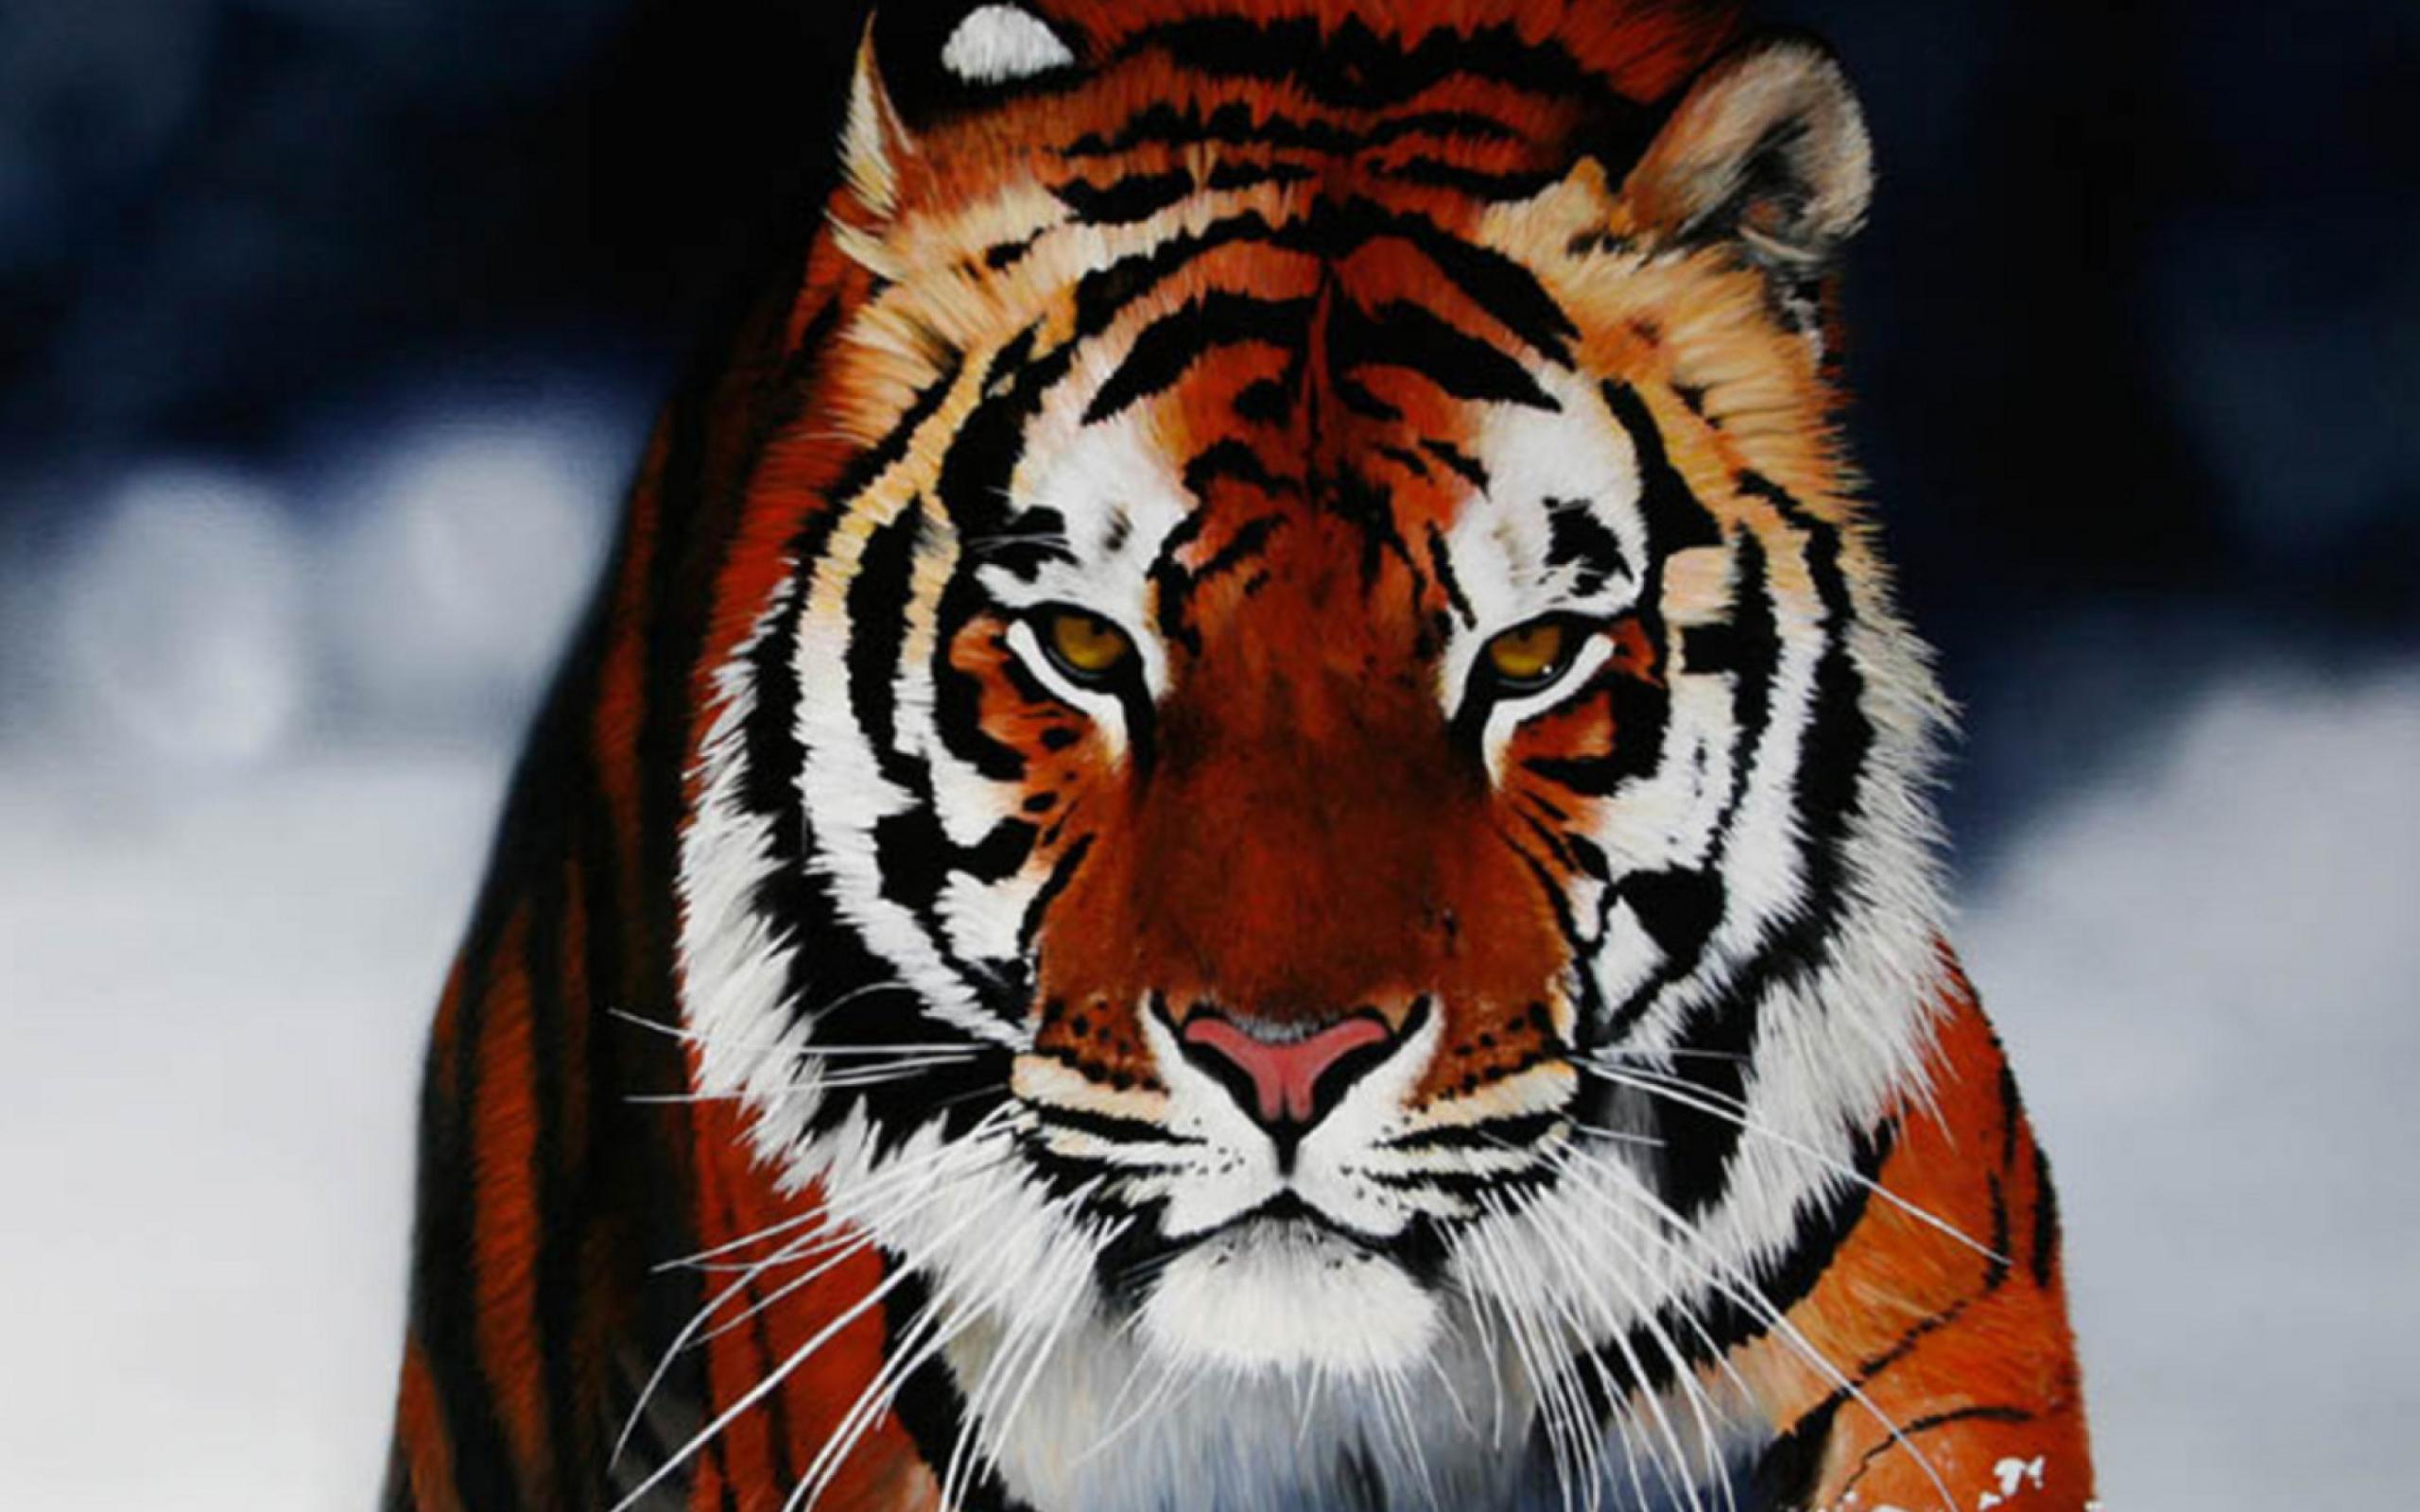 Картинка на аву в вк тигра